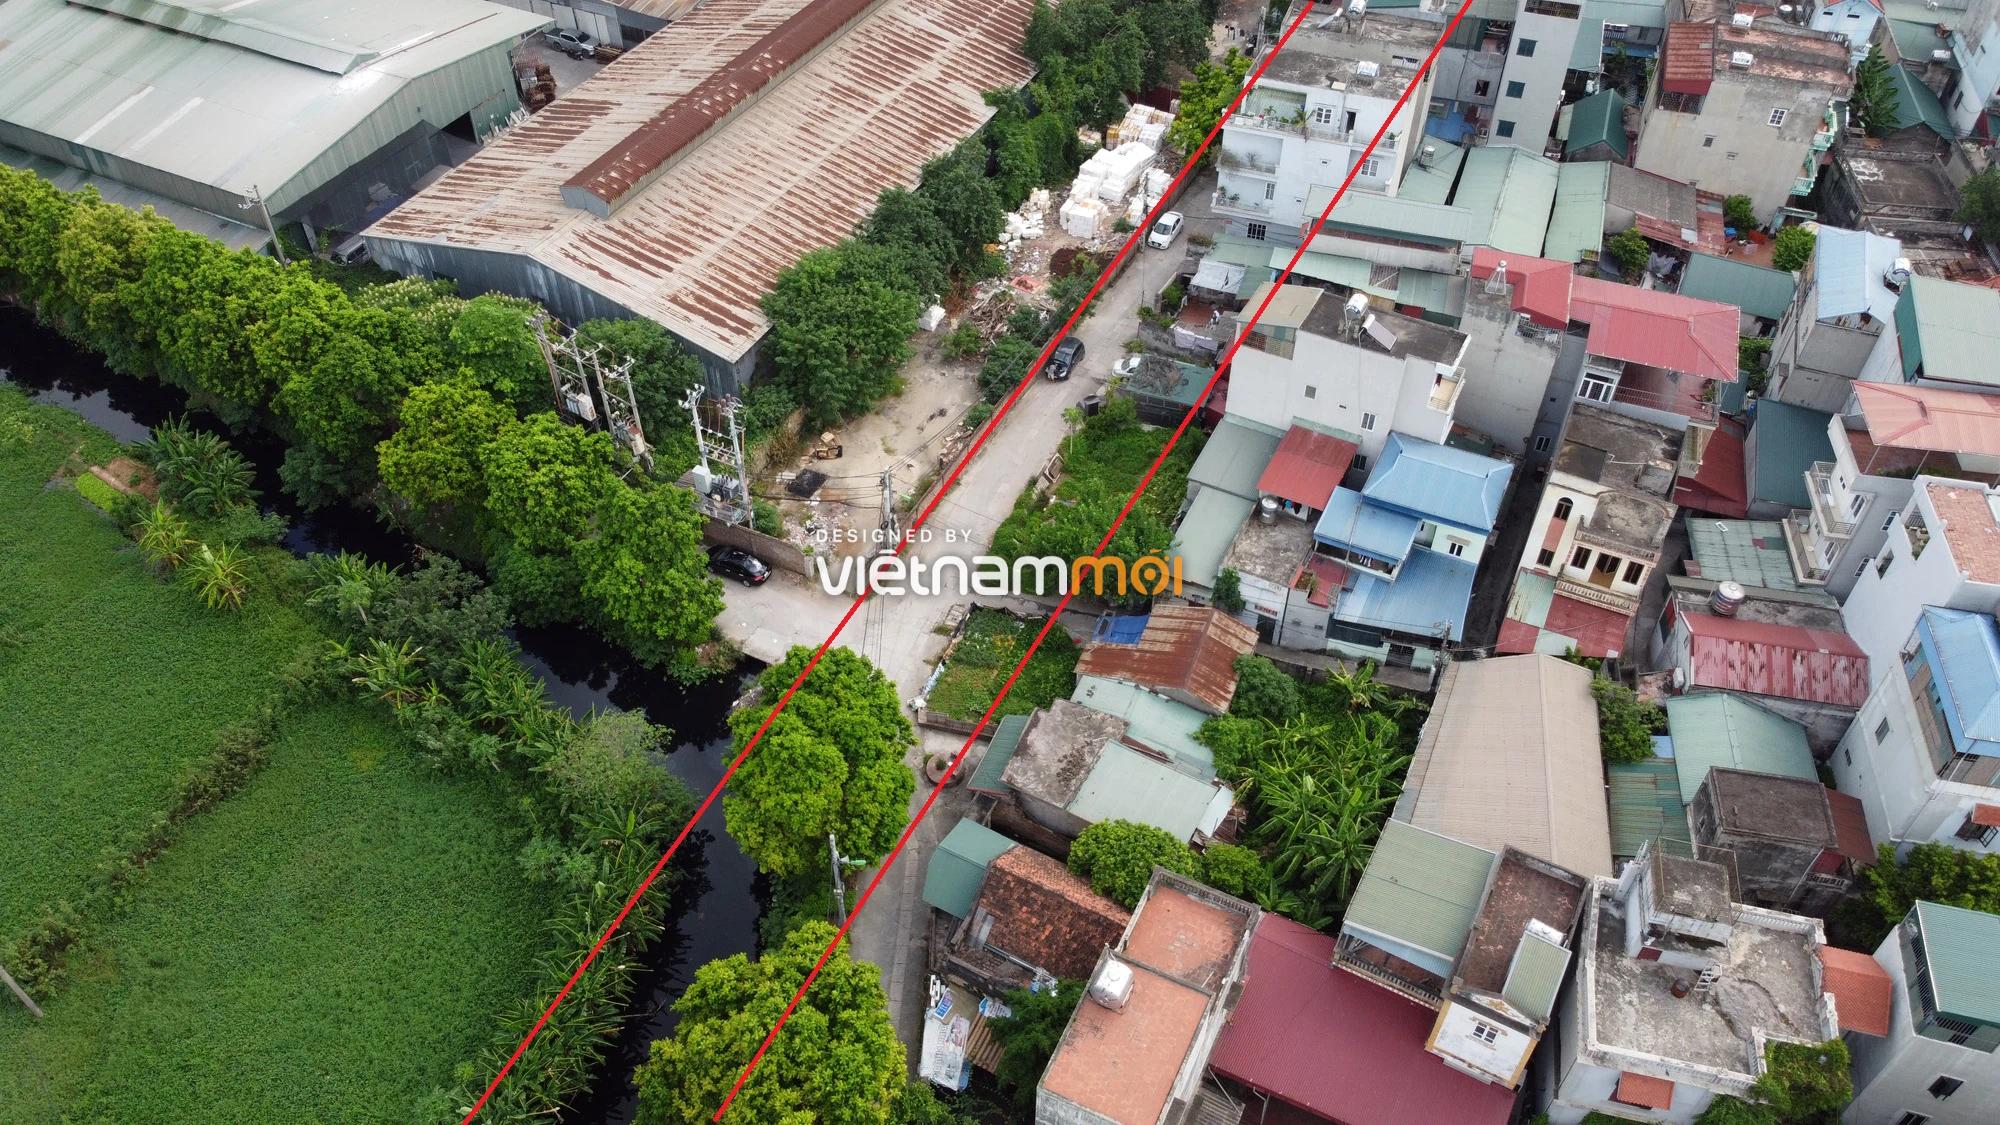 Những khu đất sắp thu hồi để mở đường ở xã Tứ Hiệp, Thanh Trì, Hà Nội (phần 1) - Ảnh 6.